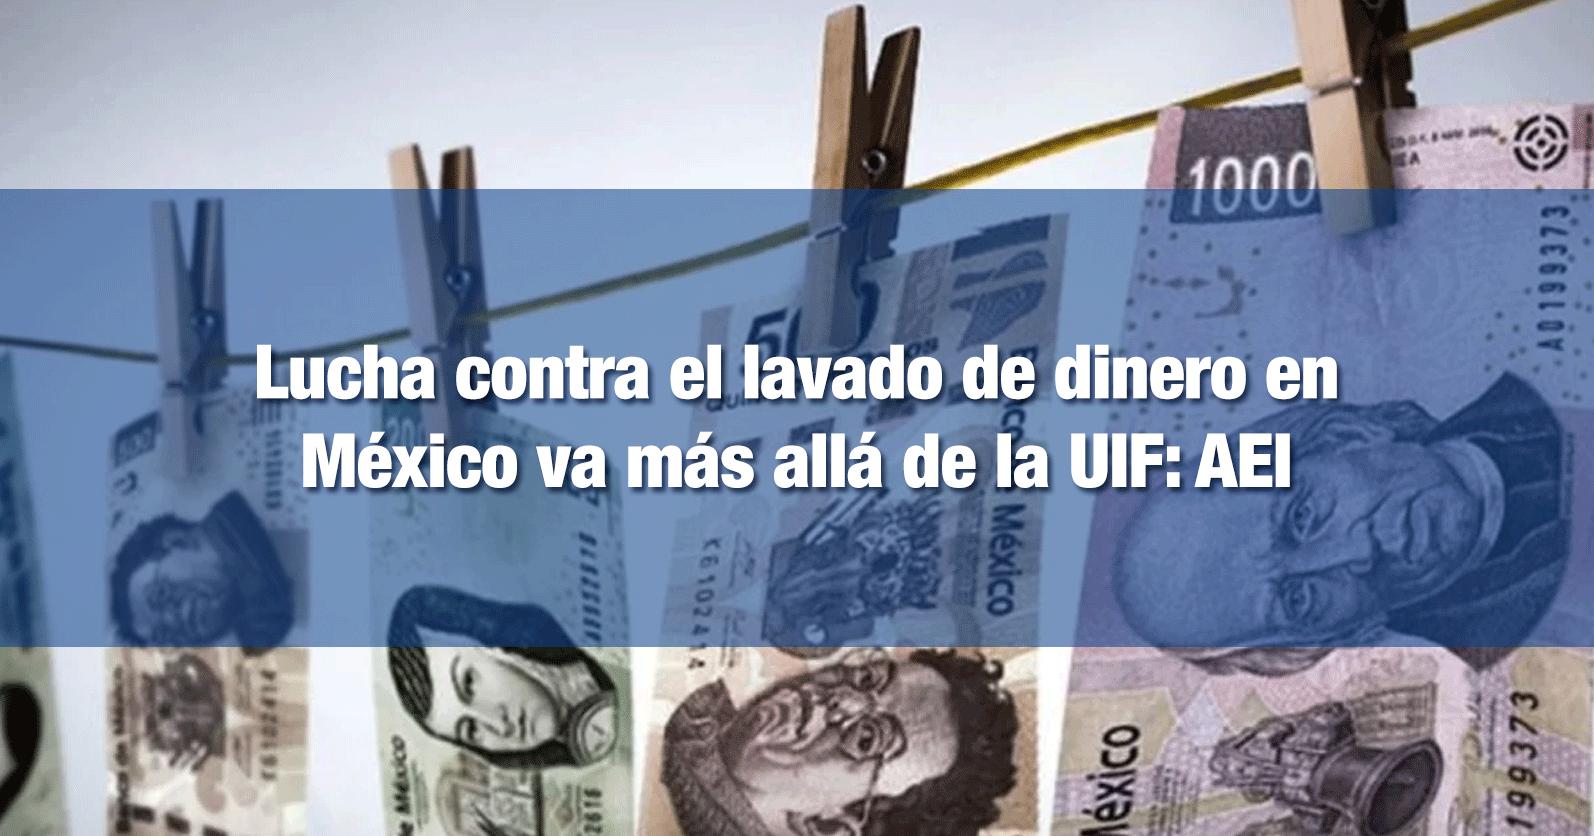 Lucha contra el lavado de dinero en México va más allá de la UIF: AEI